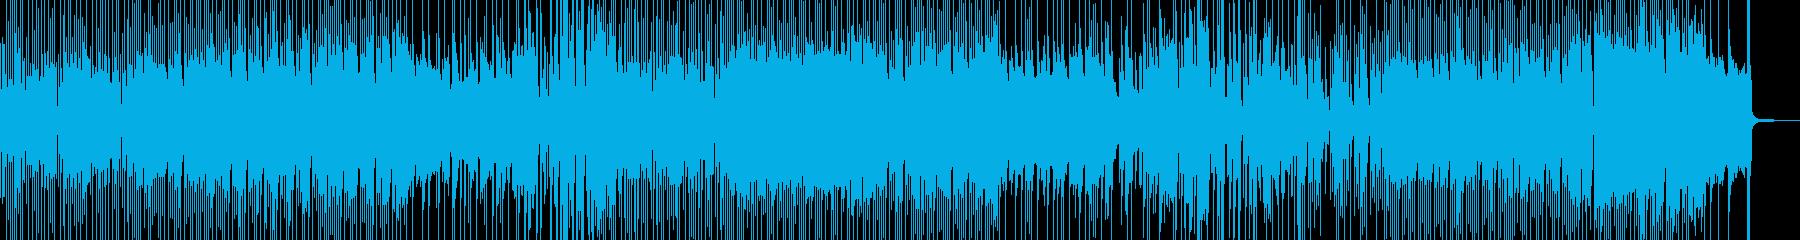 三味線・行楽・まったりジャズポップ 長尺の再生済みの波形